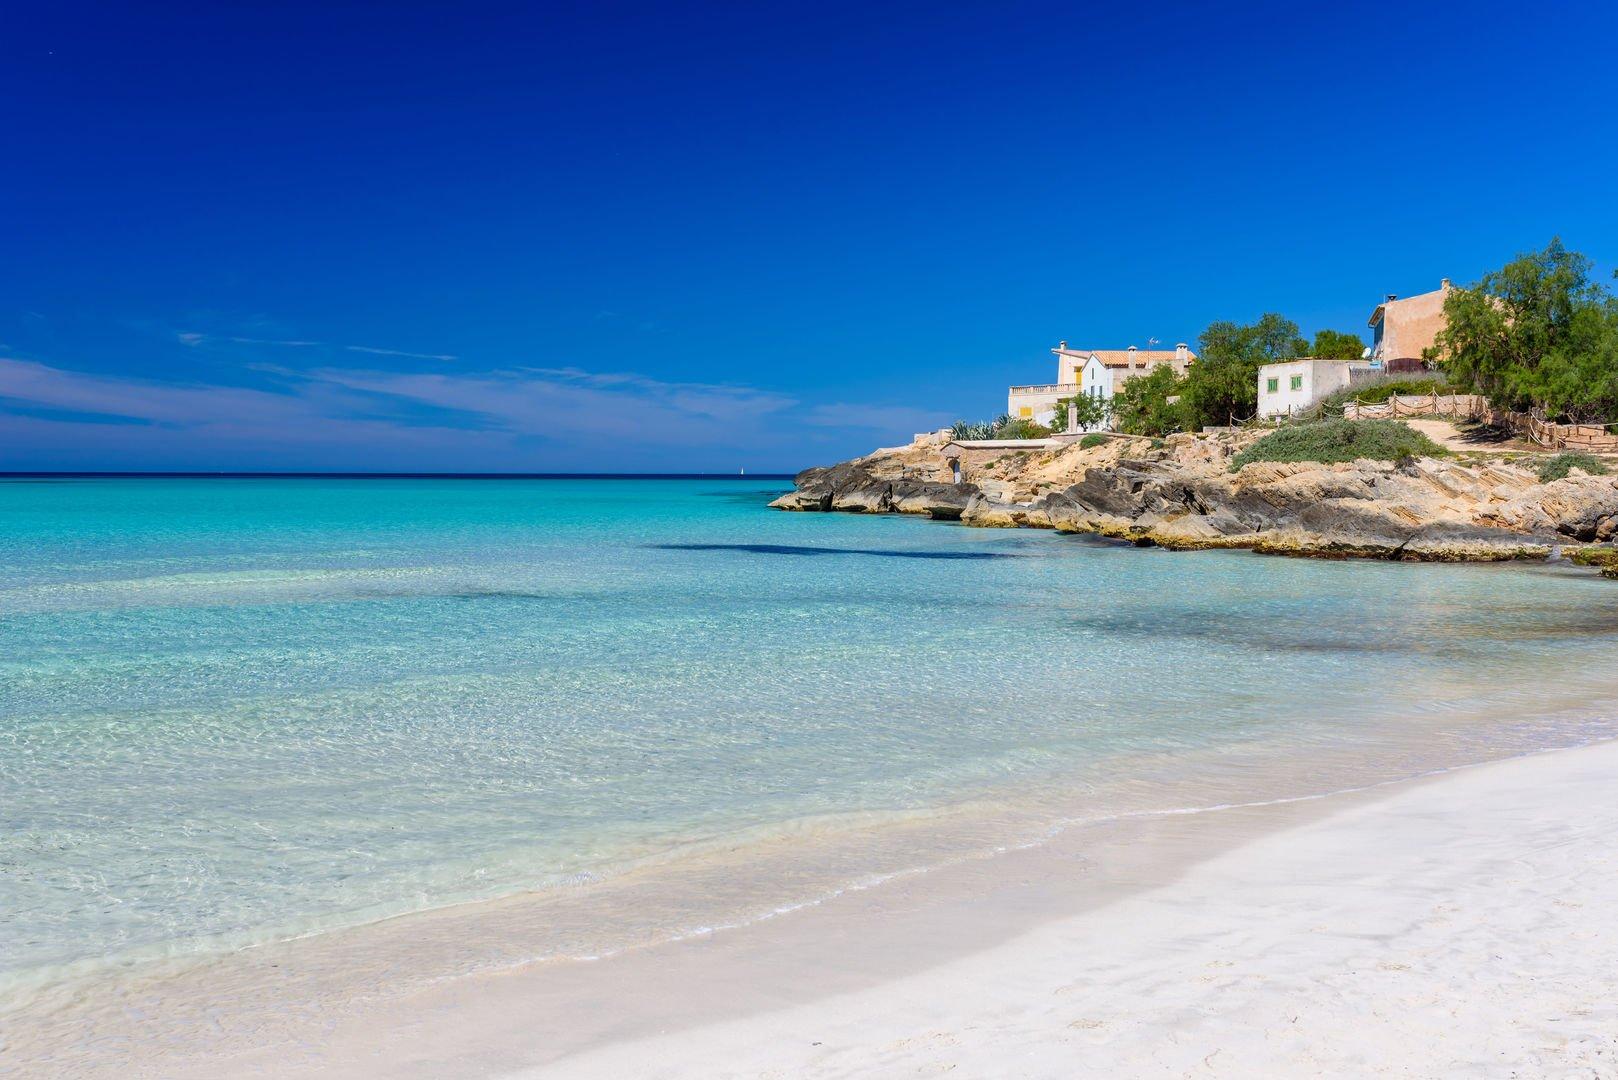 Aquas cristalinas en playa  Es Trenc